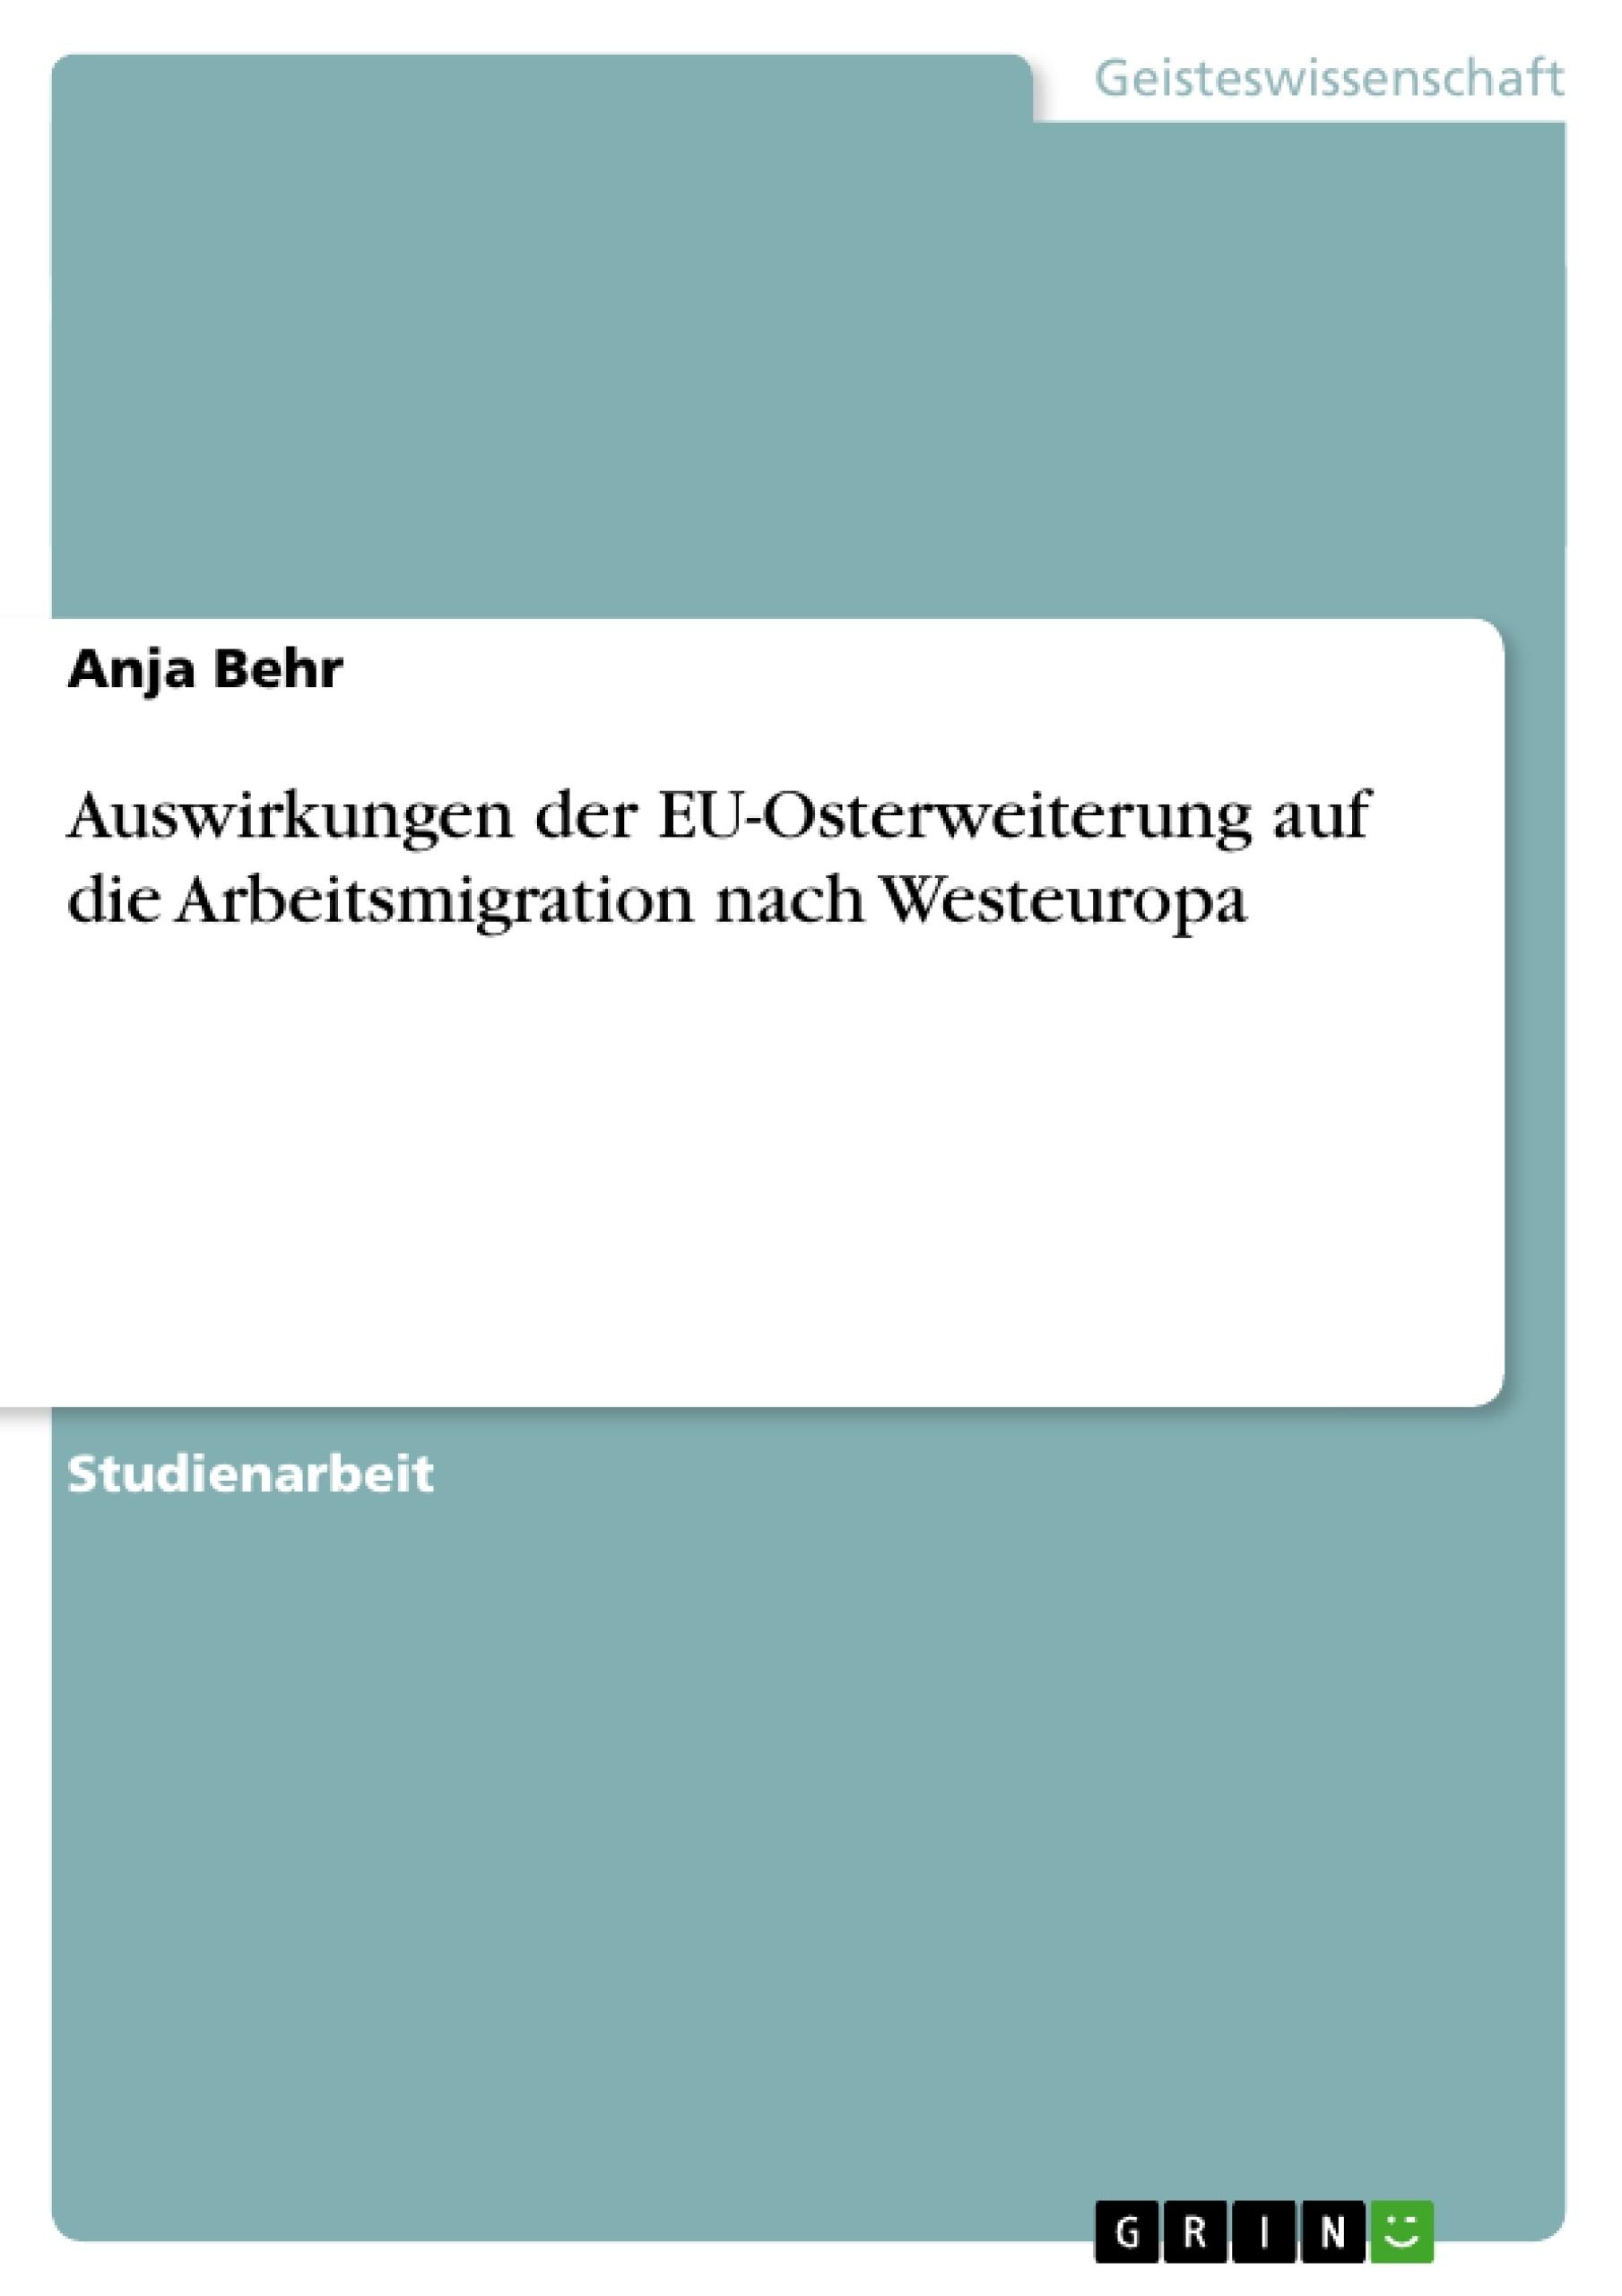 Titel: Auswirkungen der EU-Osterweiterung auf die Arbeitsmigration nach Westeuropa